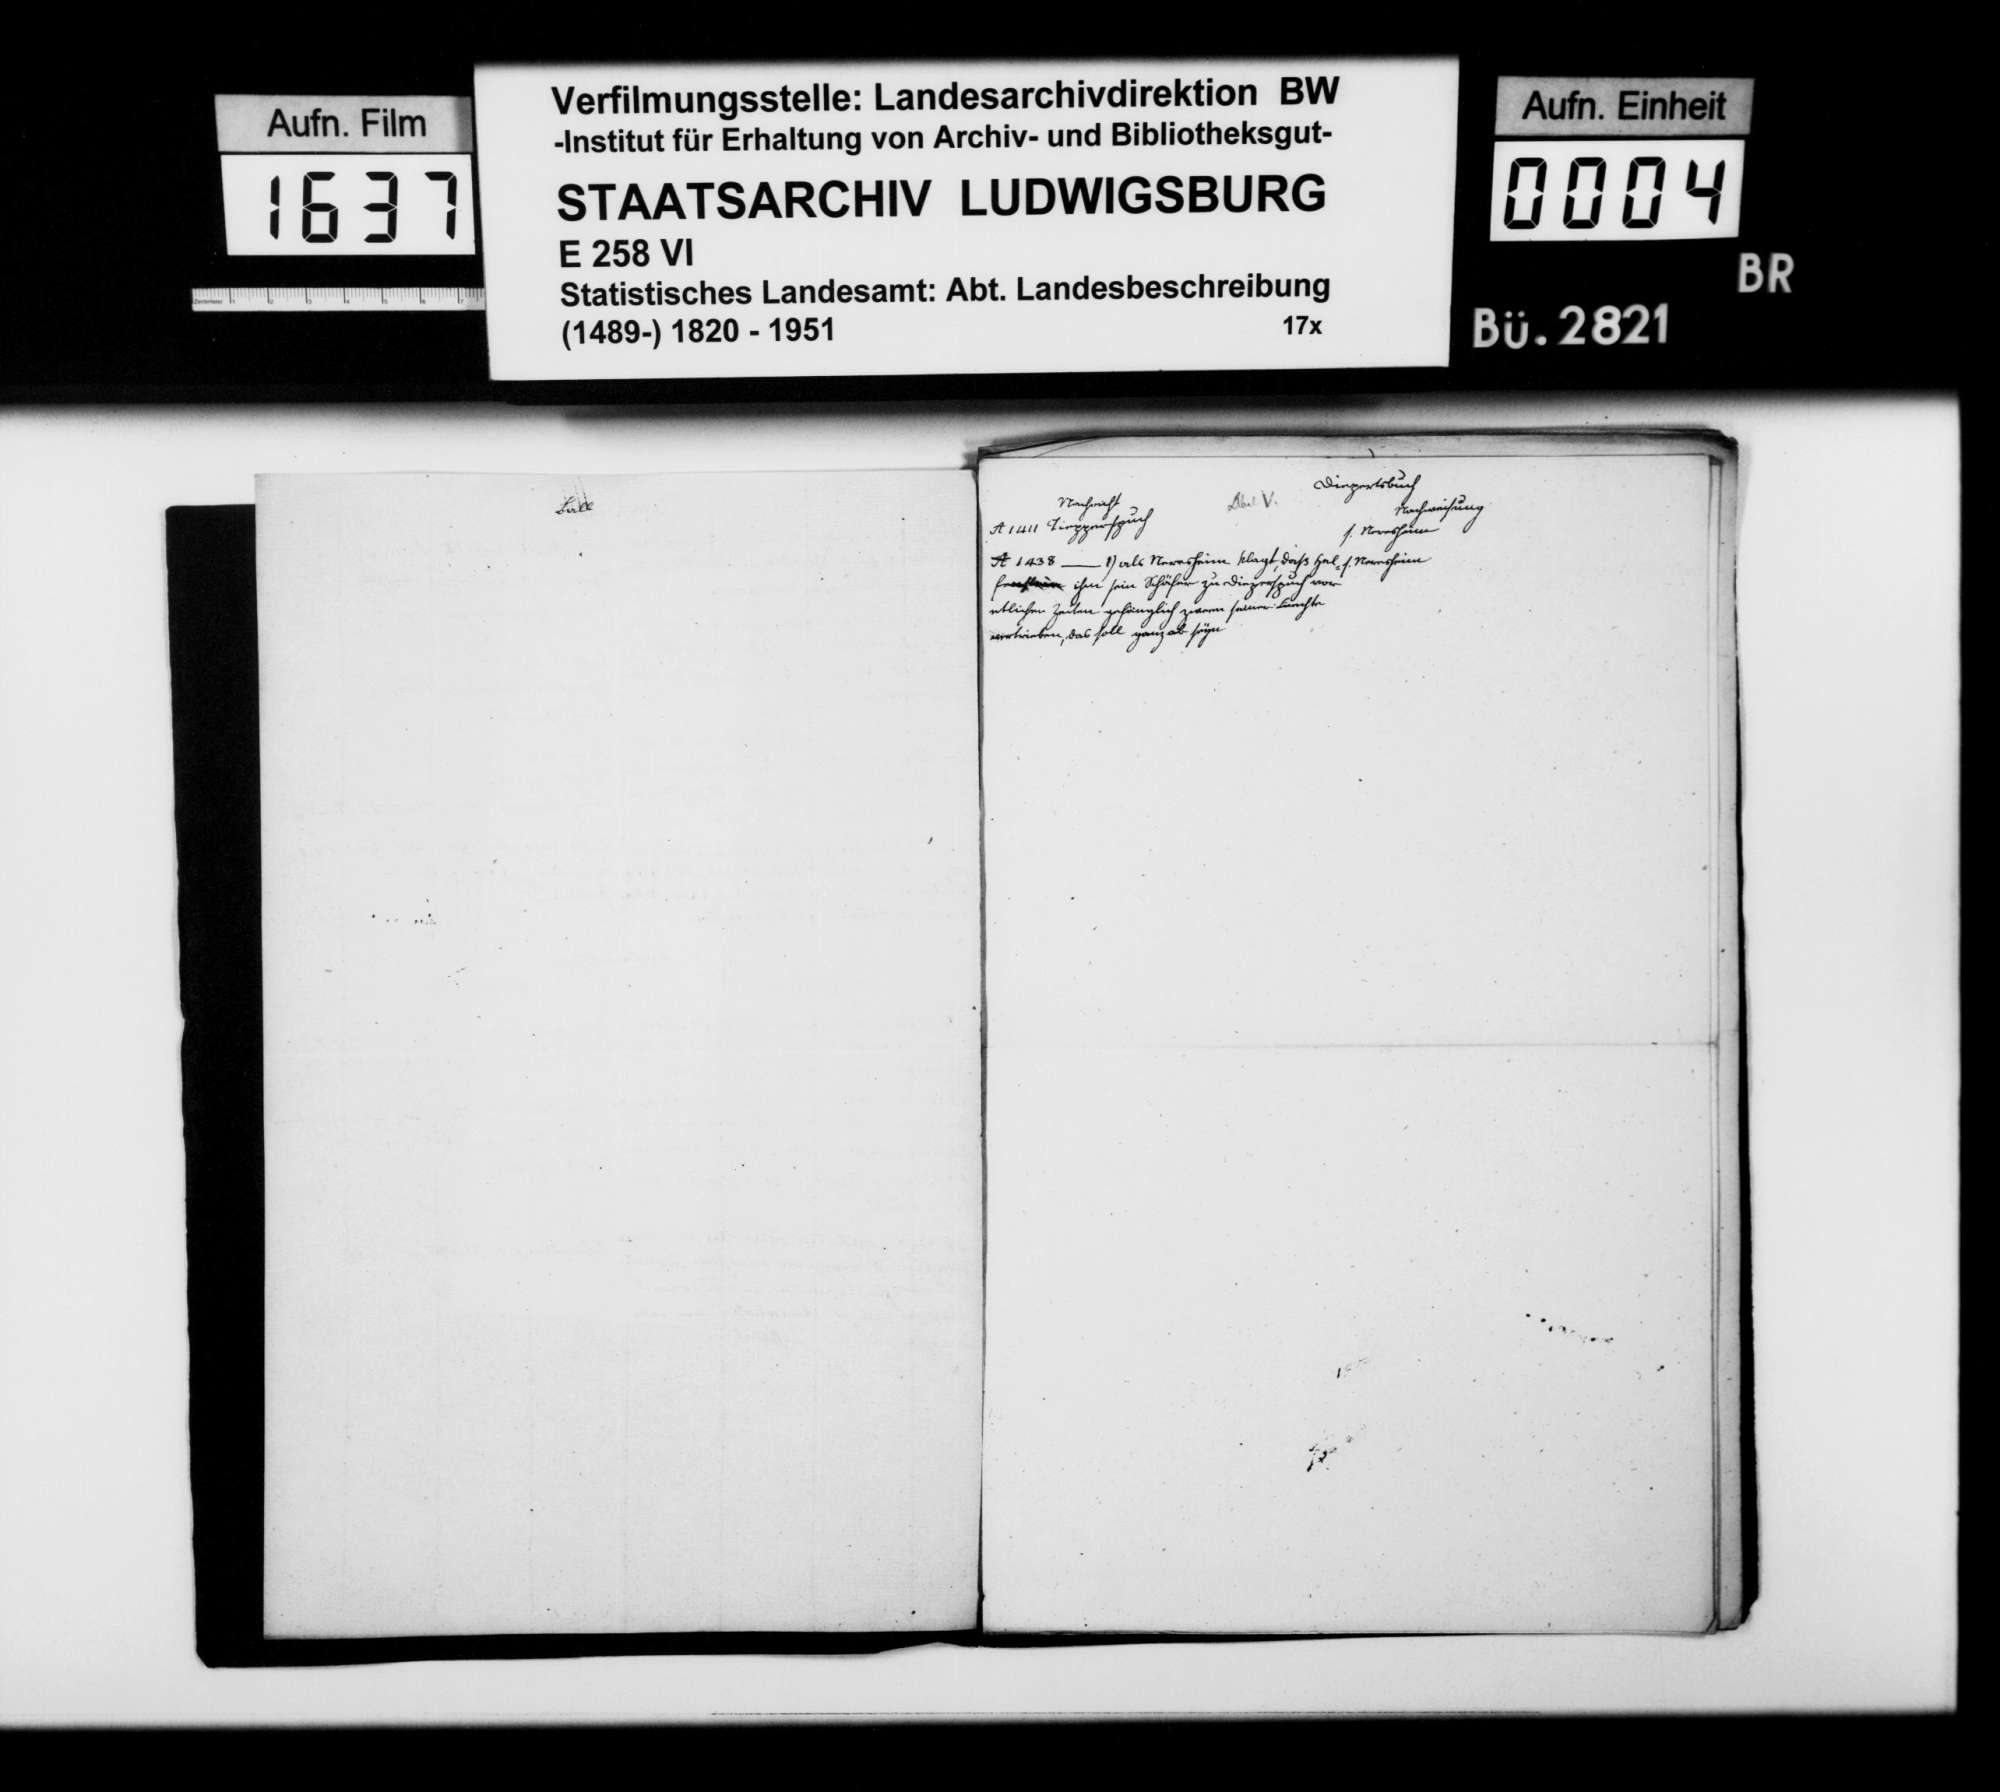 Kollektaneen des Finanzreferendärs Jäger zur mittelalterlichen Besitz- und Herrschaftsgeschichte im Oberamt, Bild 3